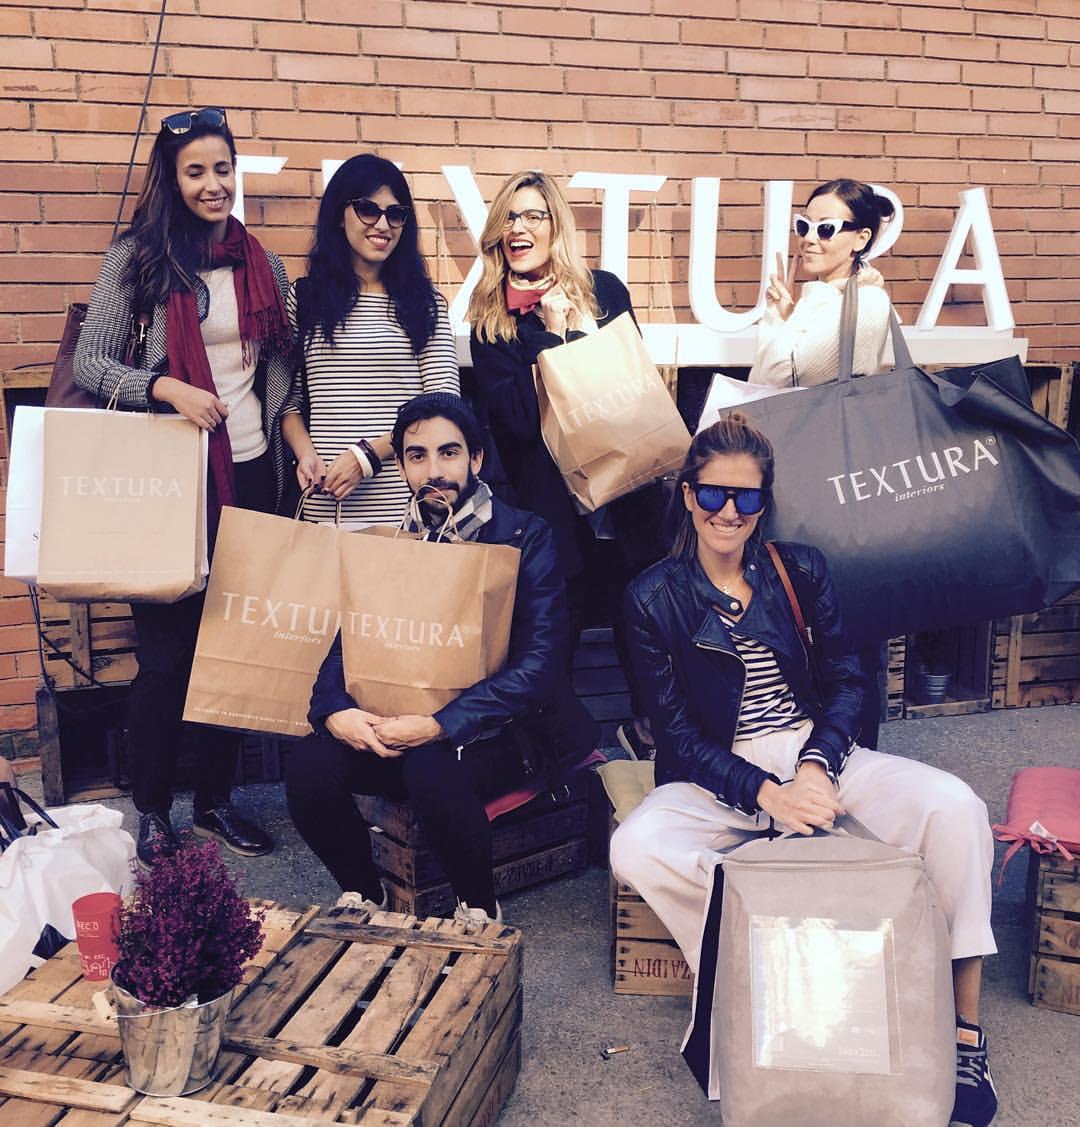 normcore girl rec 012 noviembr 2015 blogger influencer barcelona